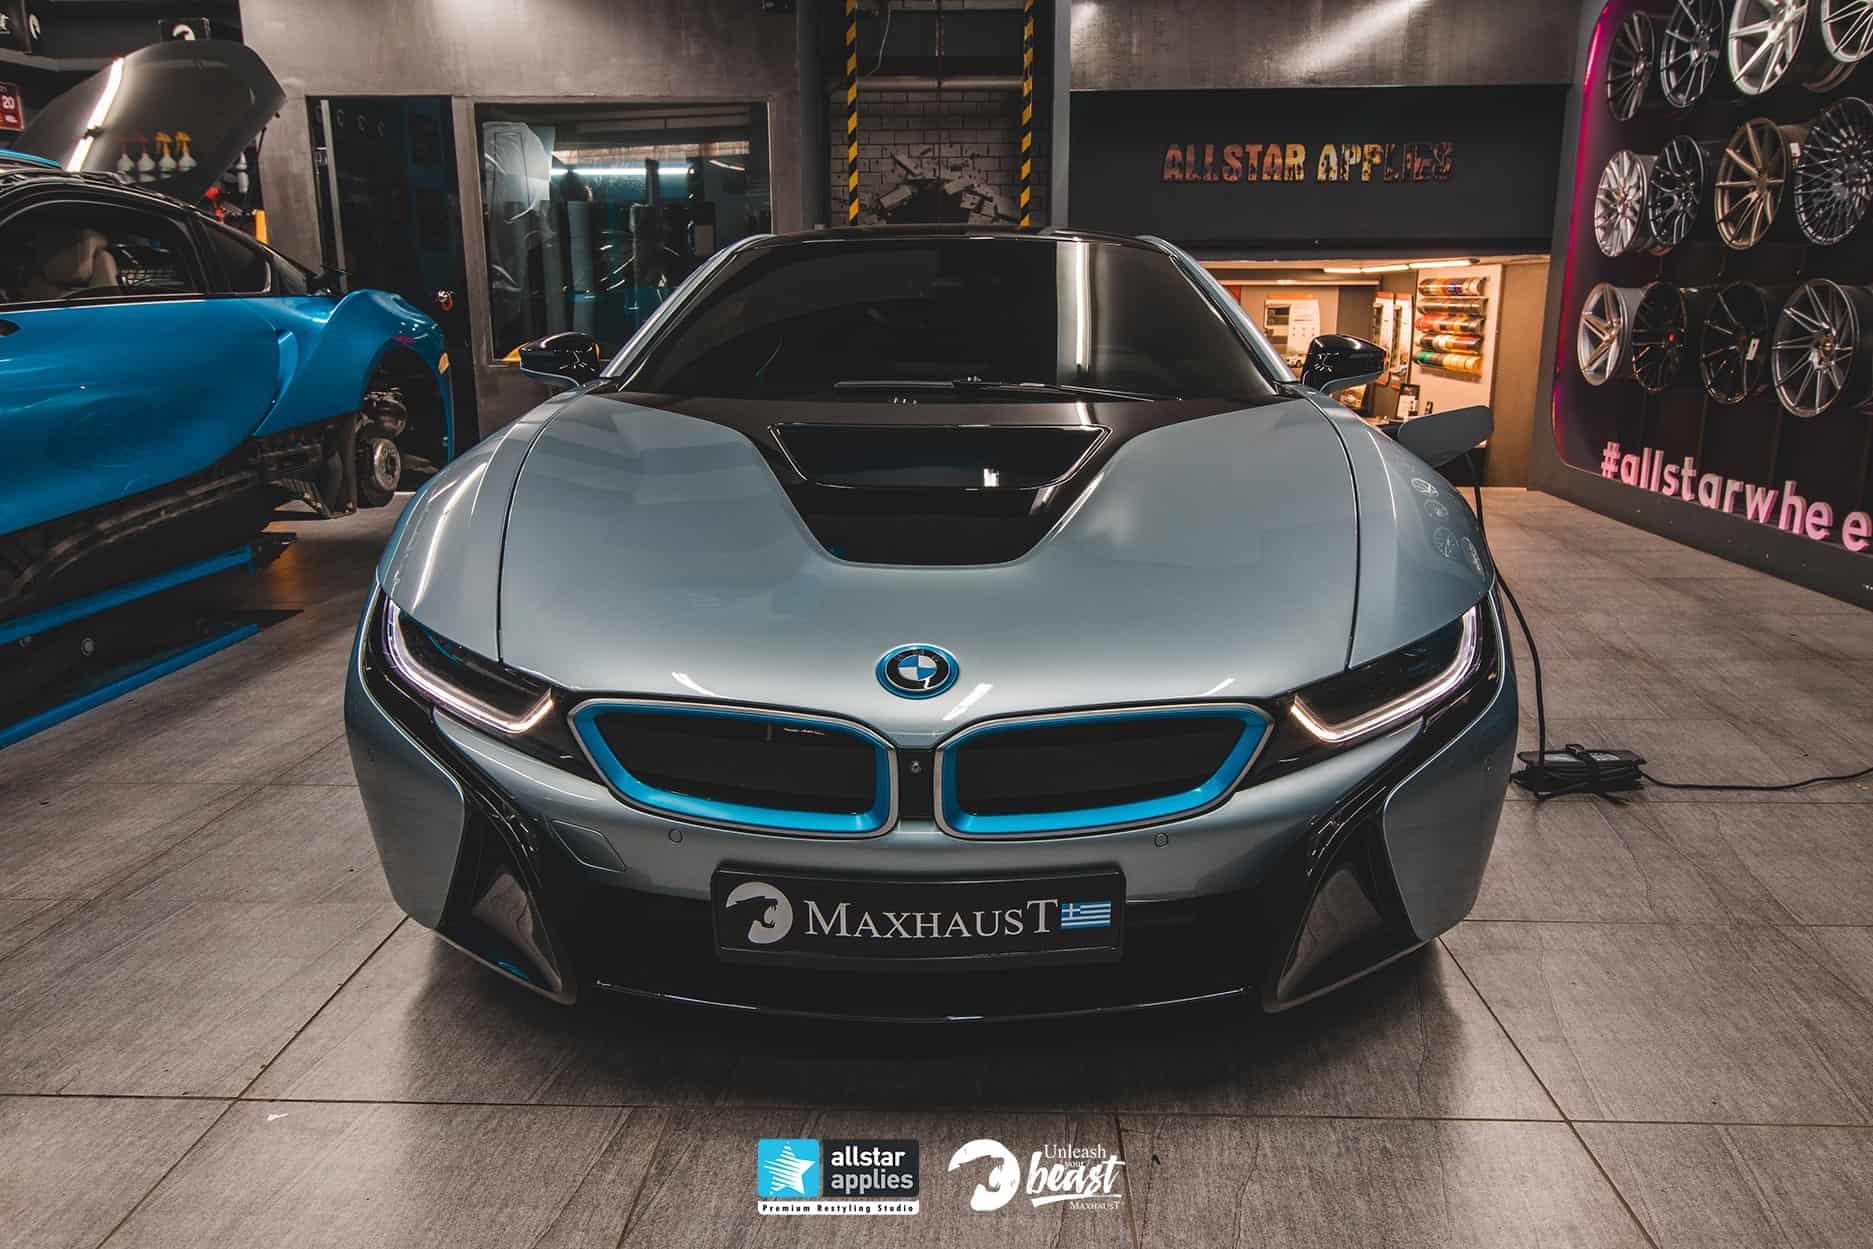 BMW I8 MAXHAUST 1